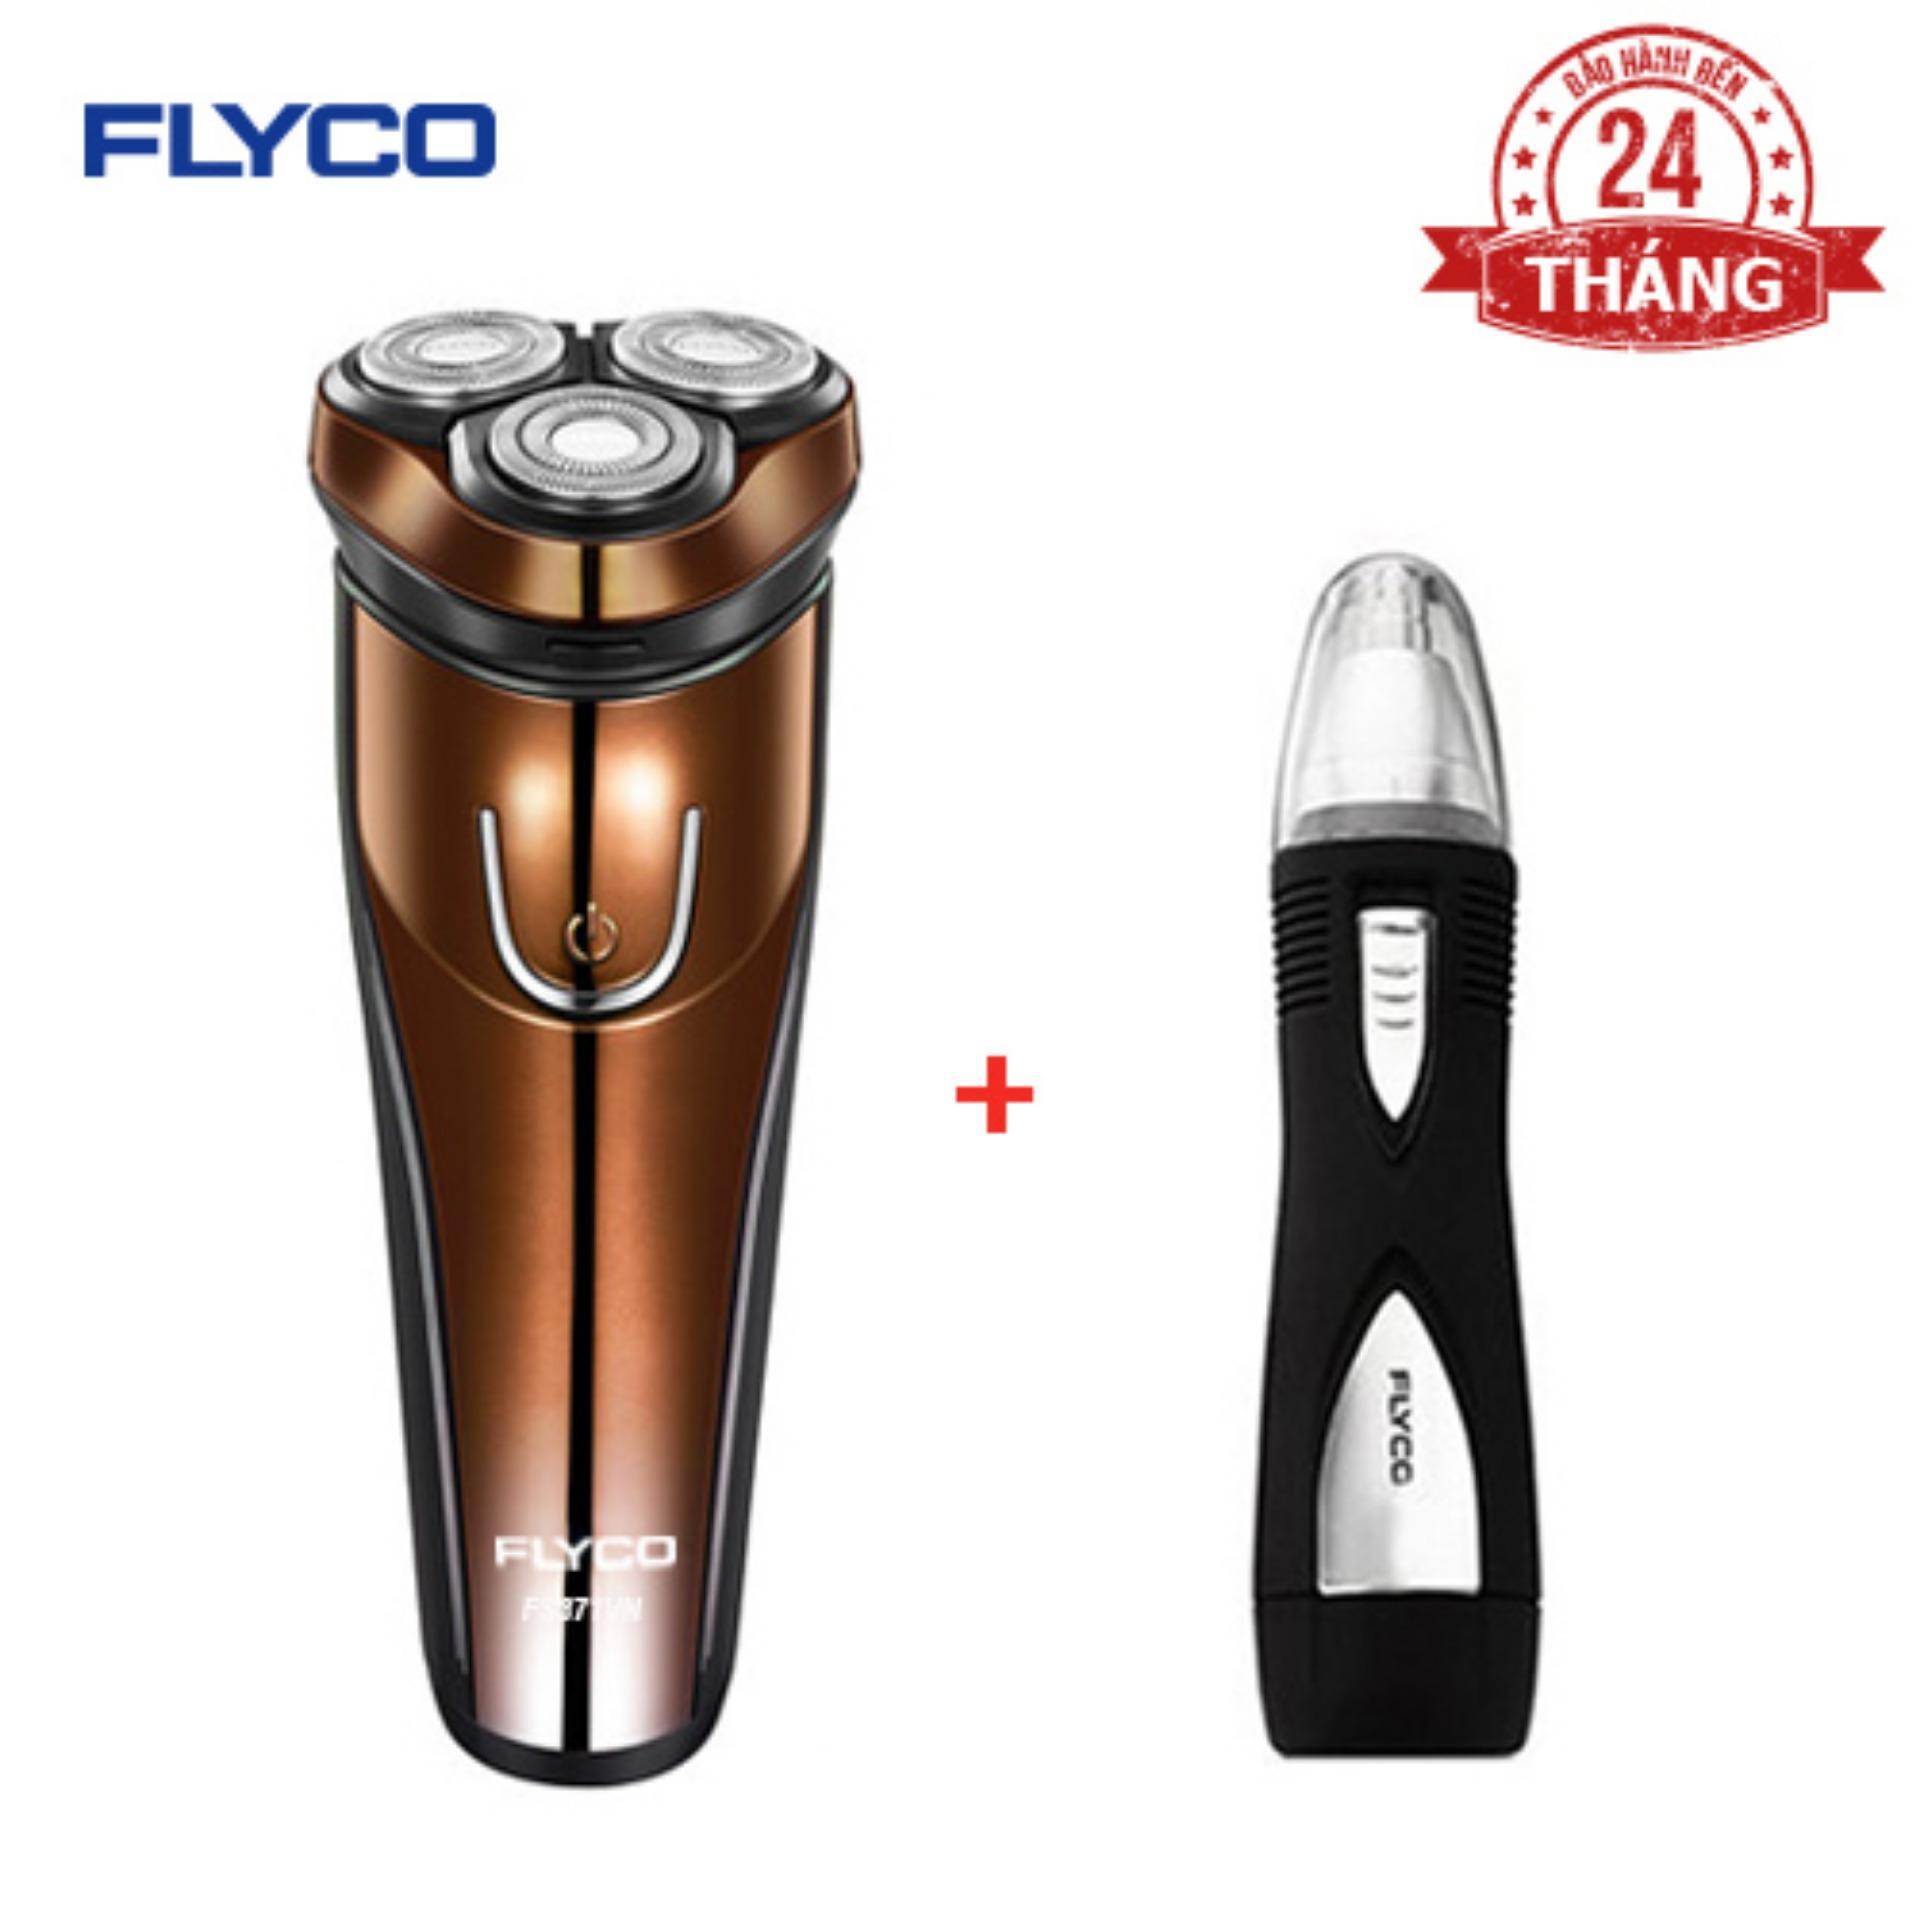 Máy cạo râu FLYCO FS371VN 3 lưỡi dao kép chống nước (Đồng) + 1 máy tỉa lông mũi Flyco FS7805VN